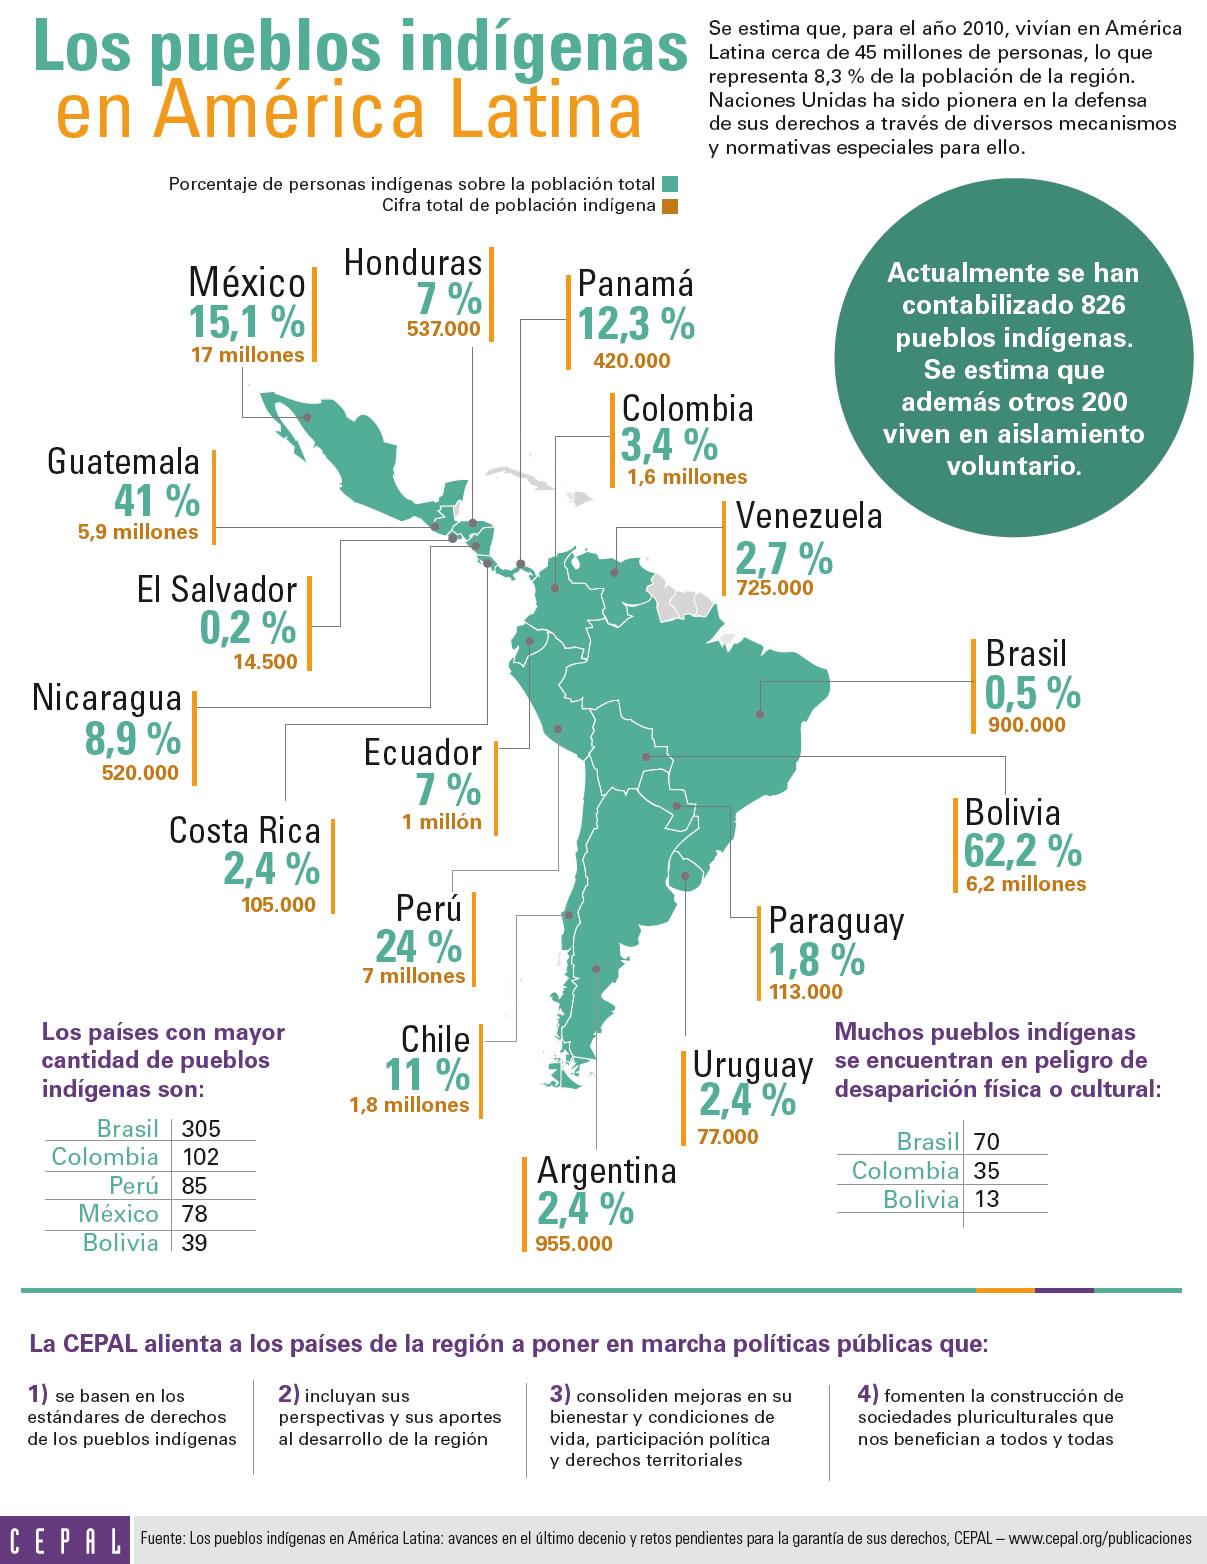 Imagen de la infografía sobre los pueblos indígenas en América Latina